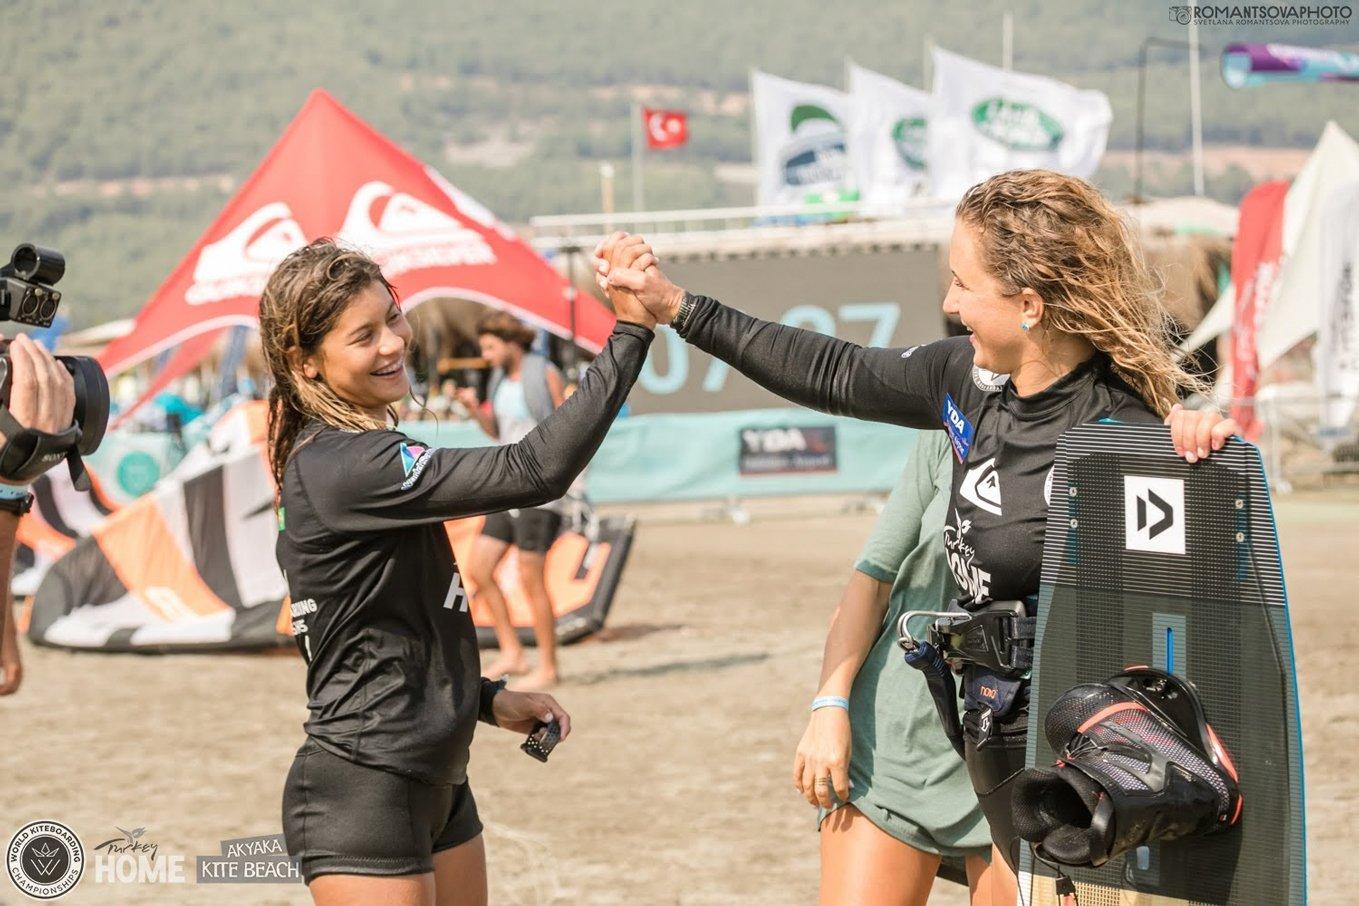 competition kitesurf-mikaili-novotna